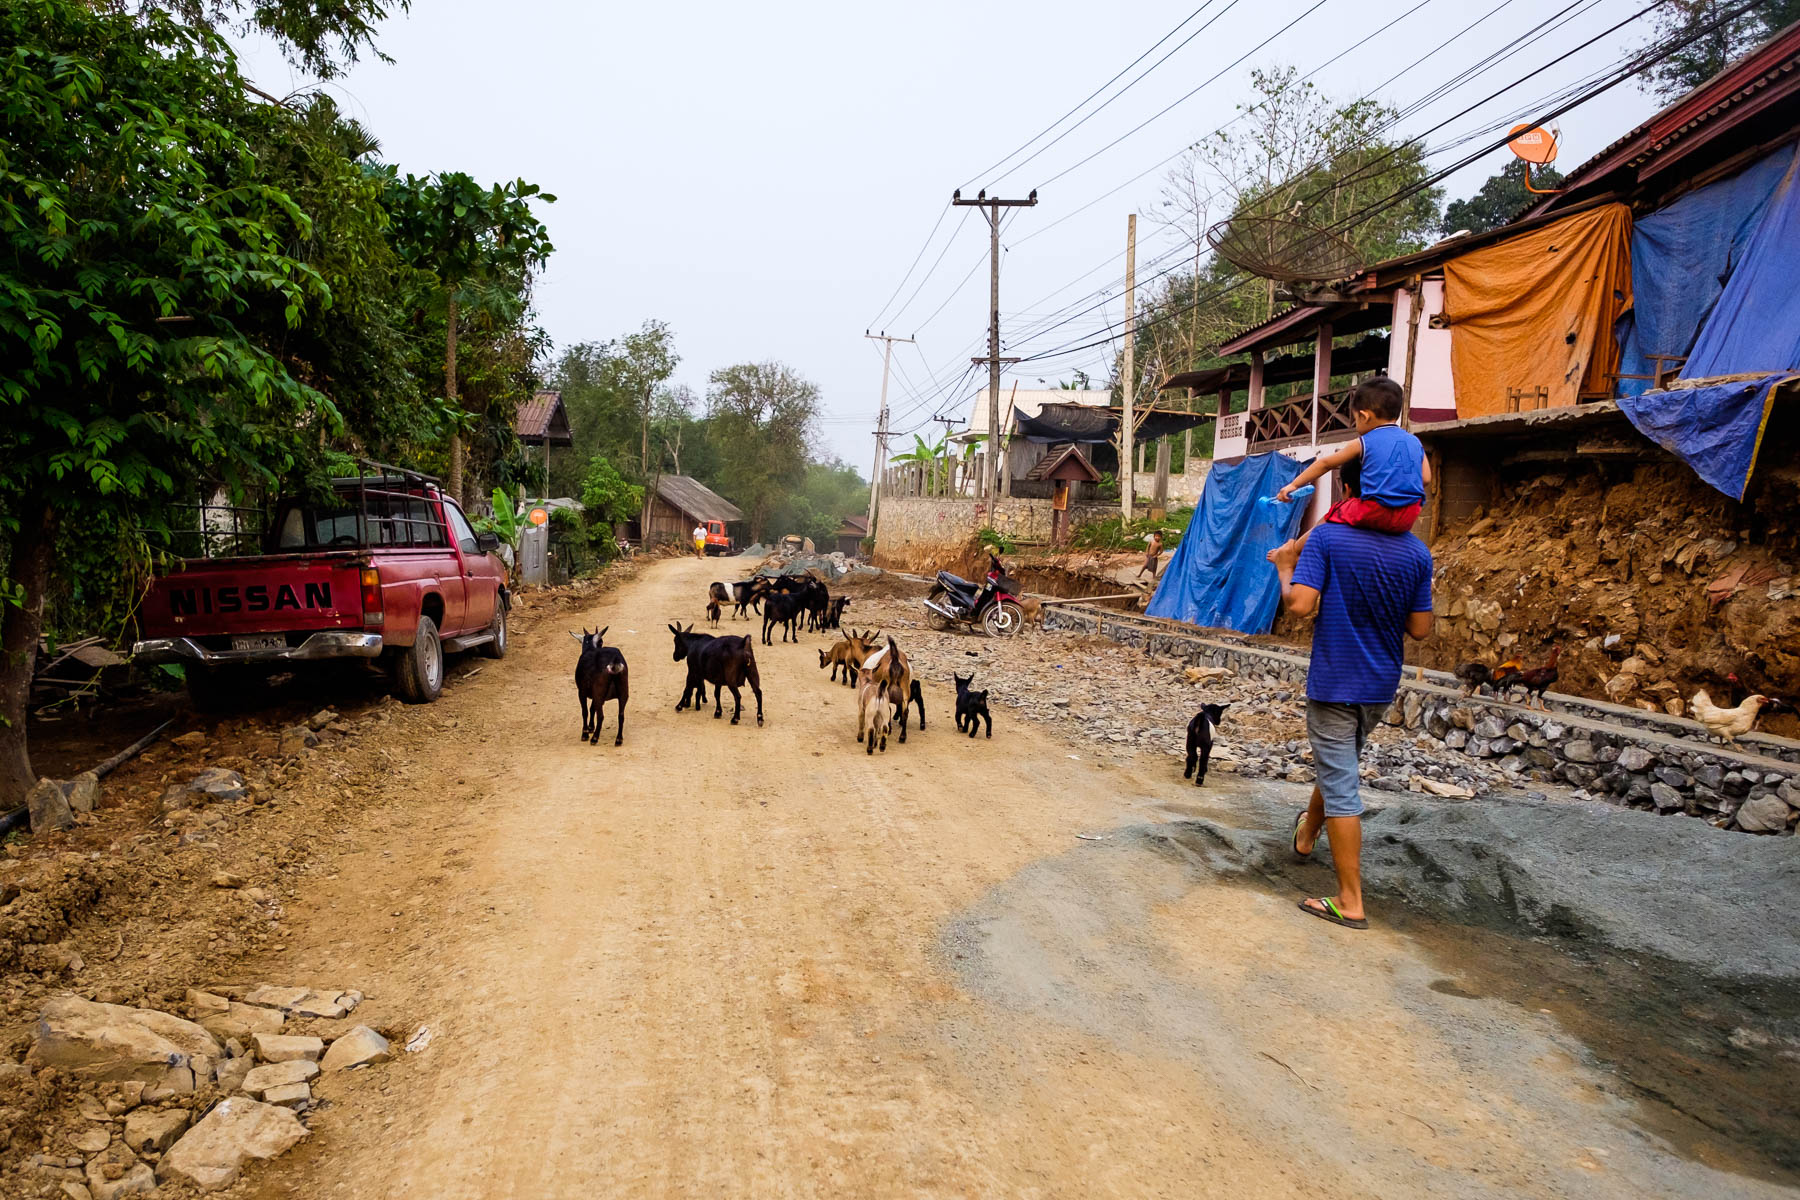 People walking and goats Ban Xang Khong village